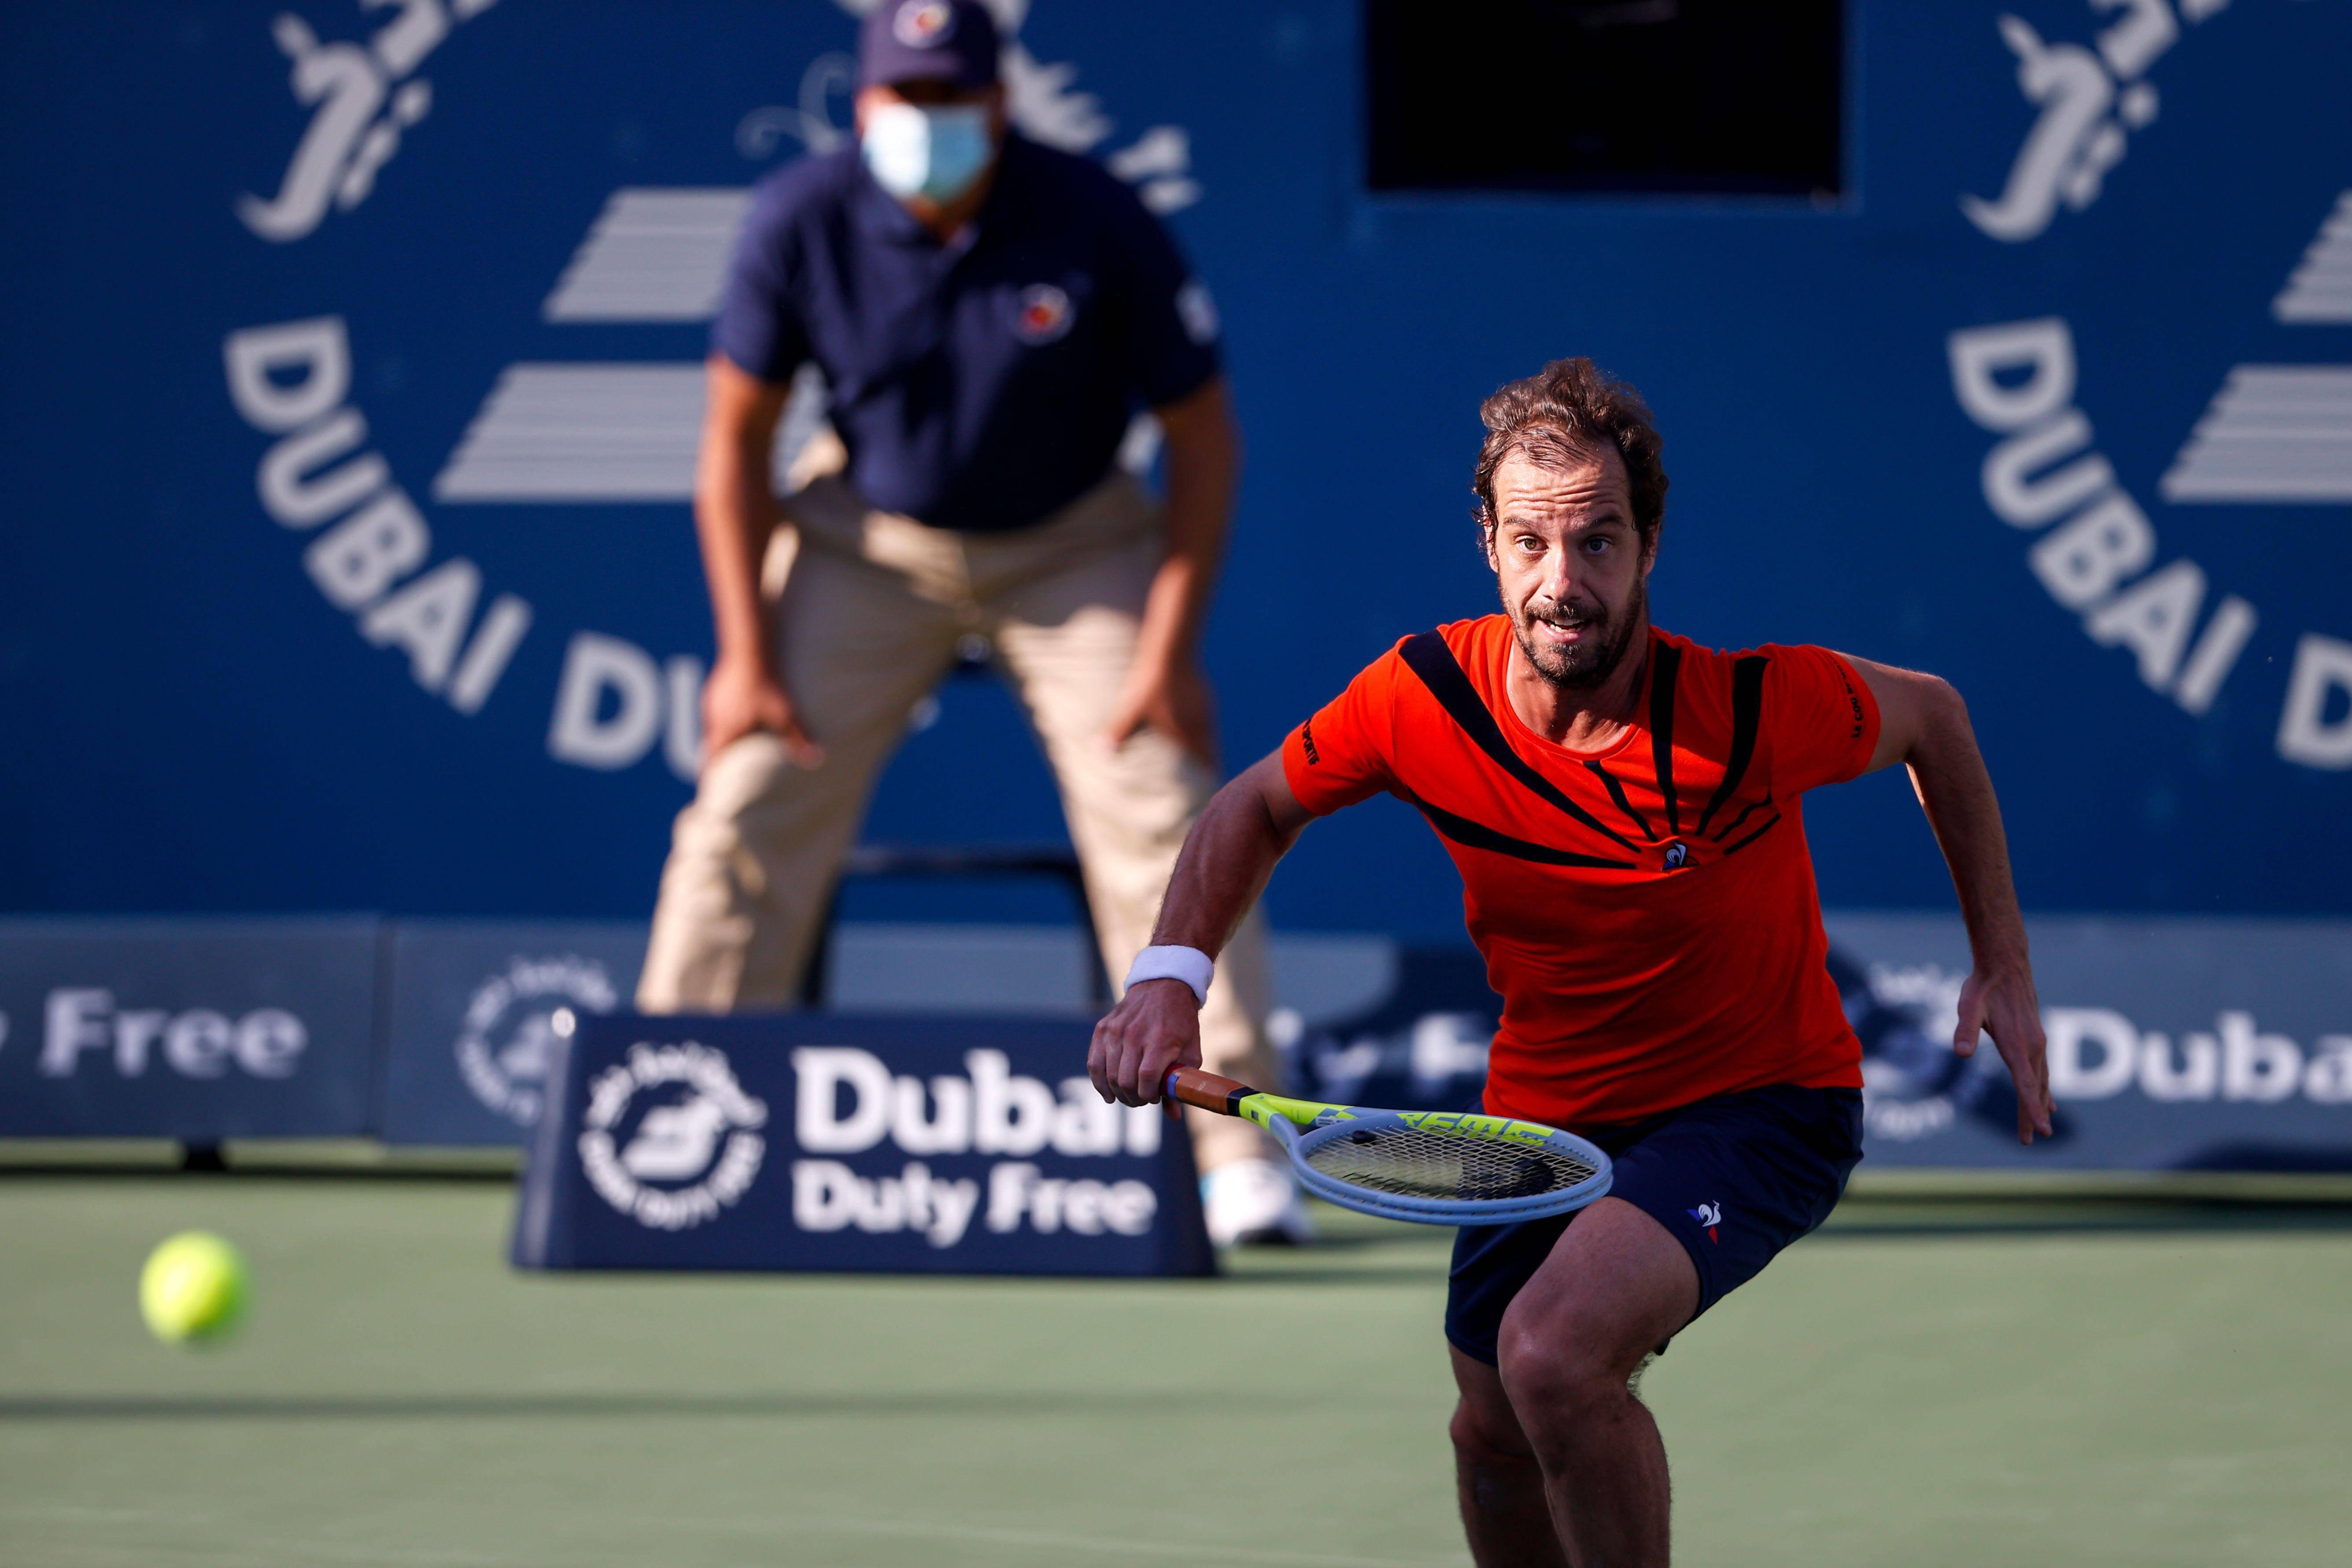 Dubai tennis: Gasquet wins 550th match, Chardy stuns Minaur